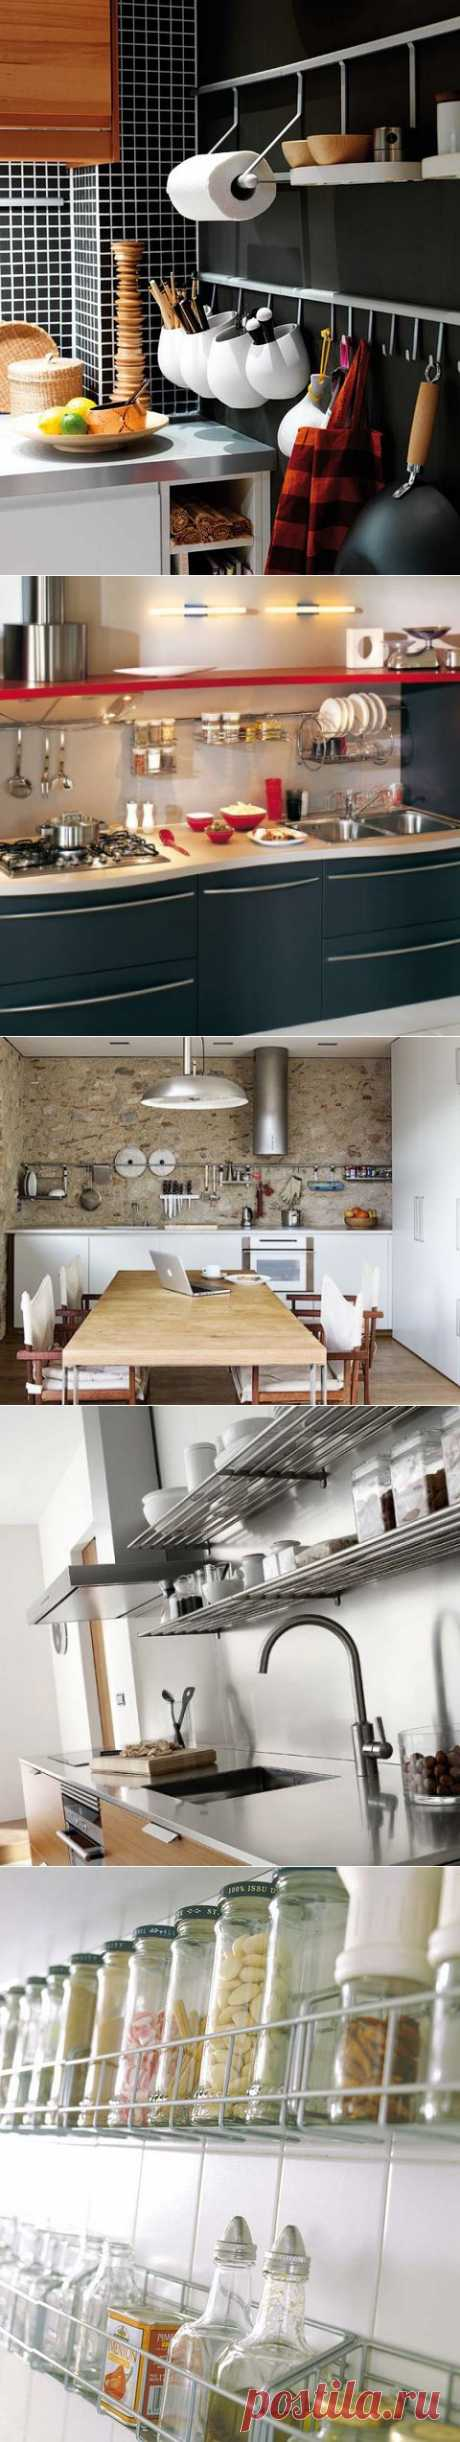 Рейлинги для кухни — 31 практическая идея | Наш уютный дом